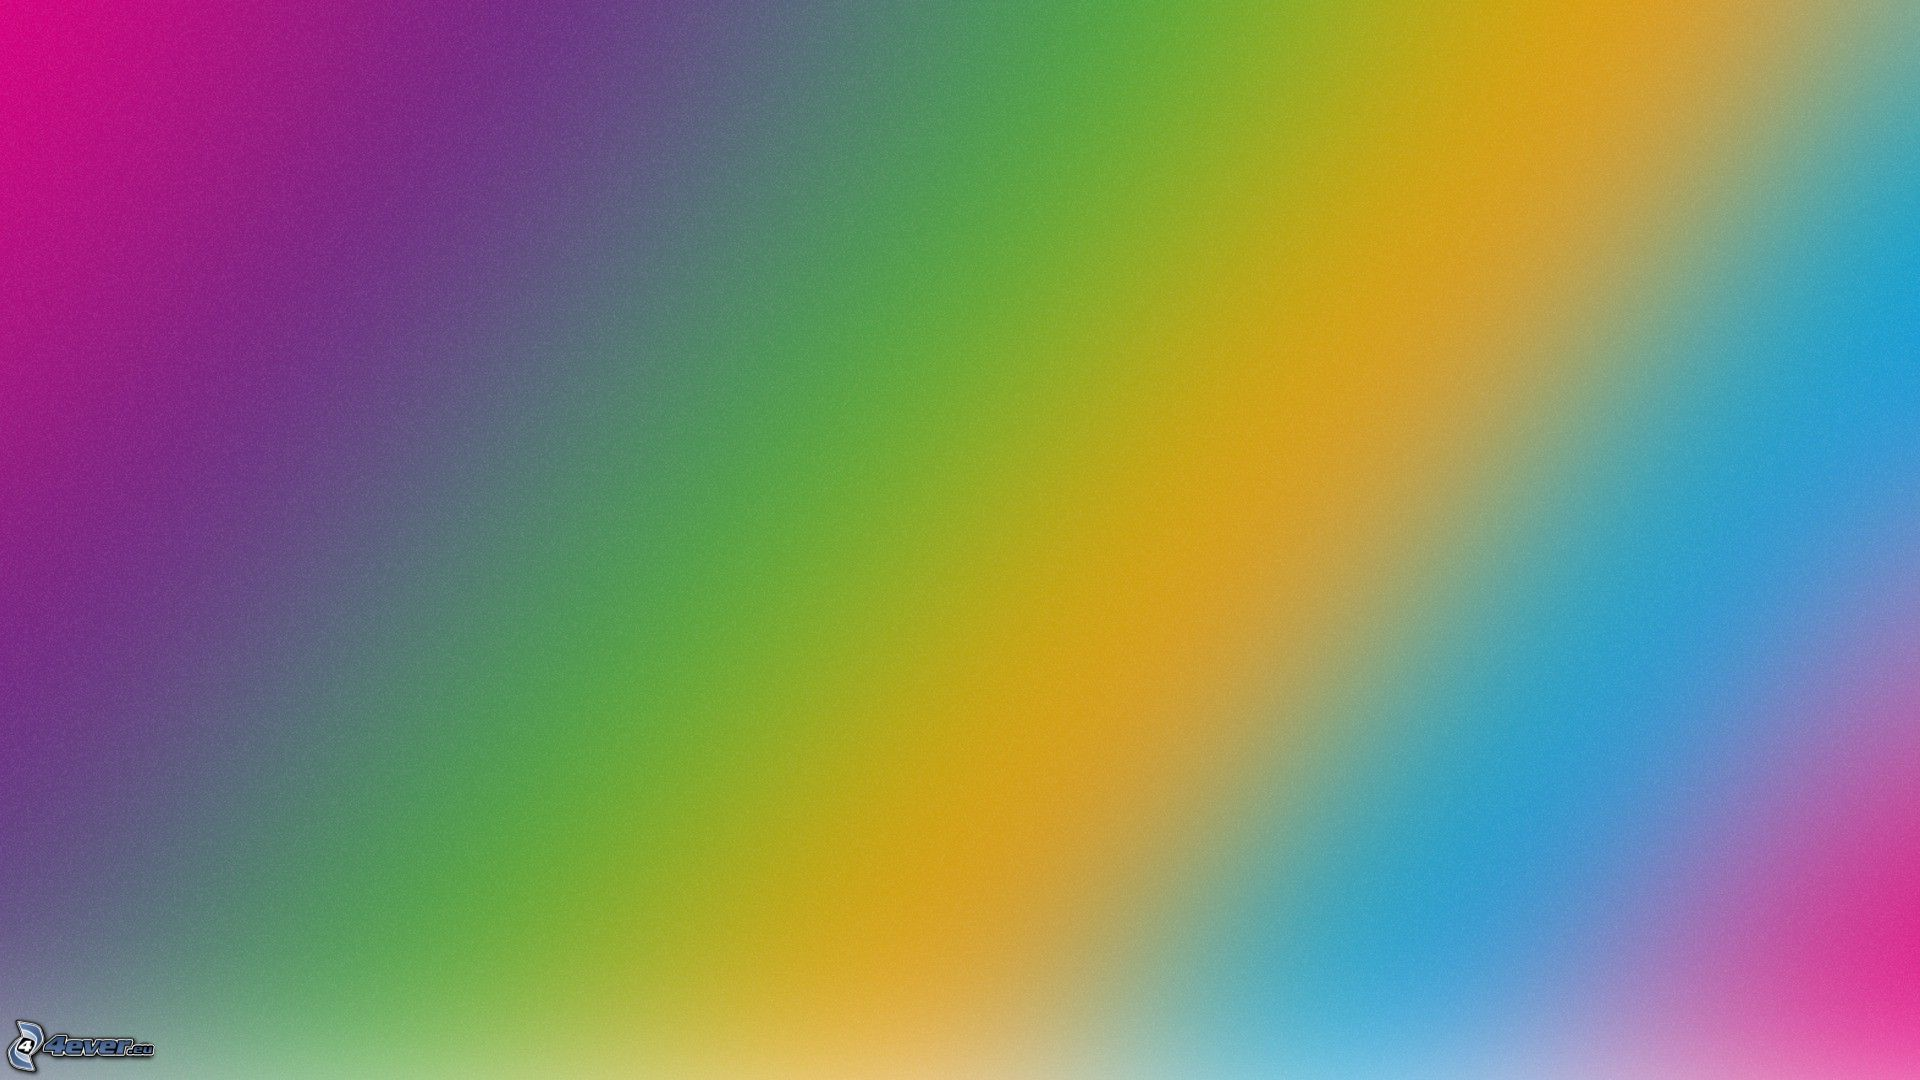 Pin hd sfondo colorato backgrounds sfondi per il desktop for Sfondi qhd